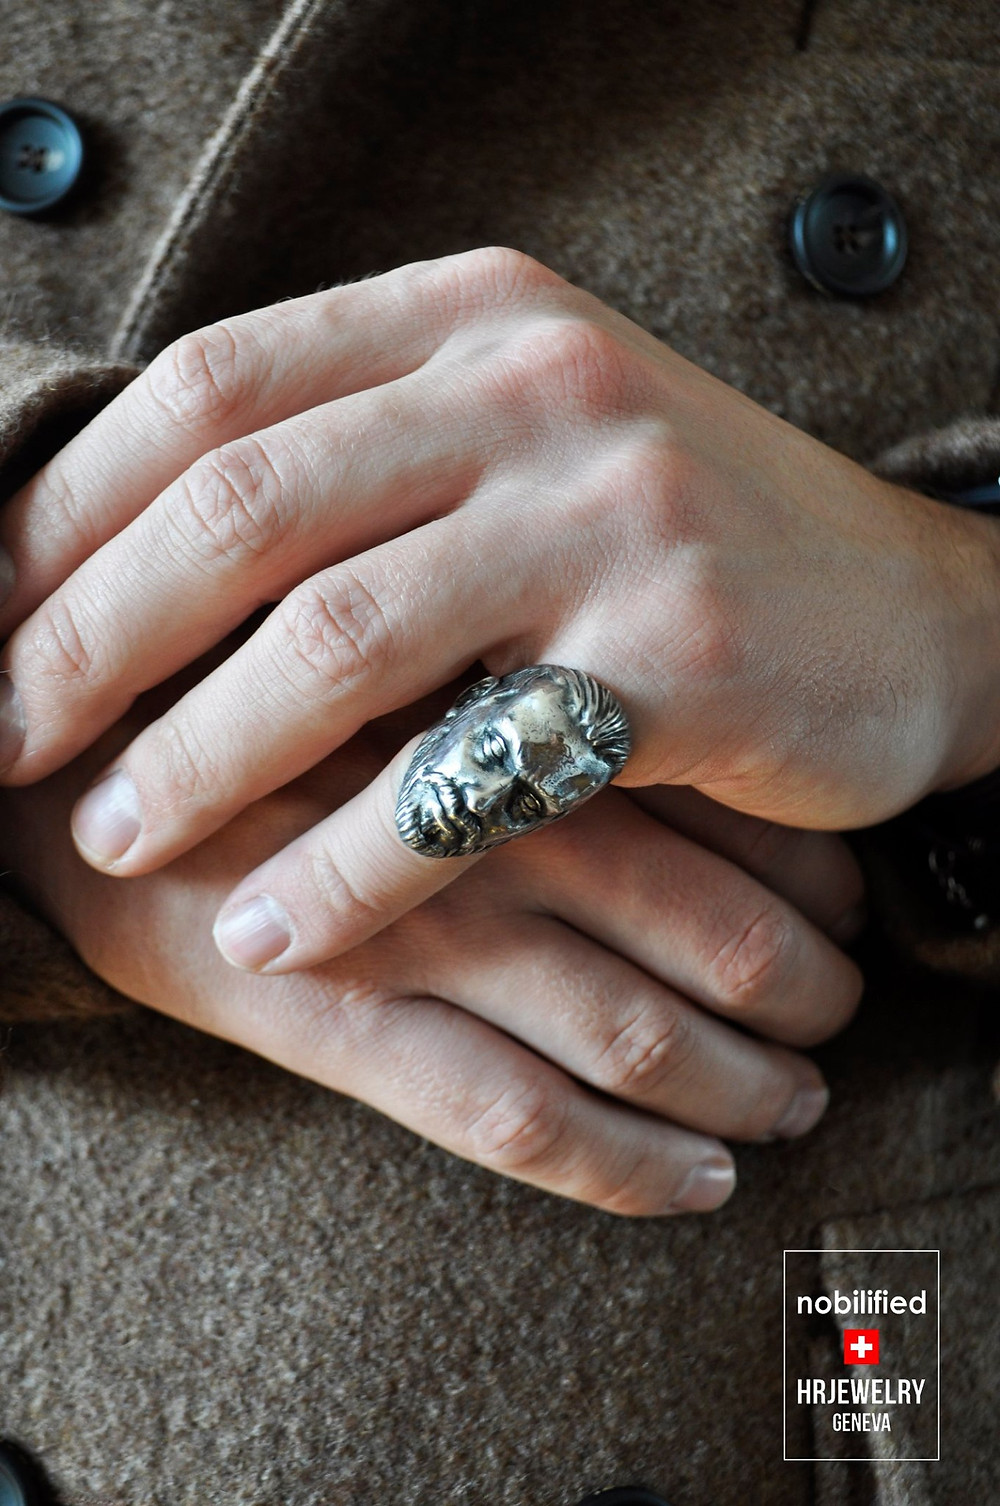 HRjewelry Geneva a le plaisir de vous annoncer sa collaboration avec Nobilified ! A travers ce projet nous proposons quelque chose d'unique en son genre; réaliser votre portrait ou celui d'un ami en bague ou pendentif! Voici les premières bagues! Pour plus d'informations n'hésitez à aller voir sur nobilified.com et bientôt sur hr-jewelry.com